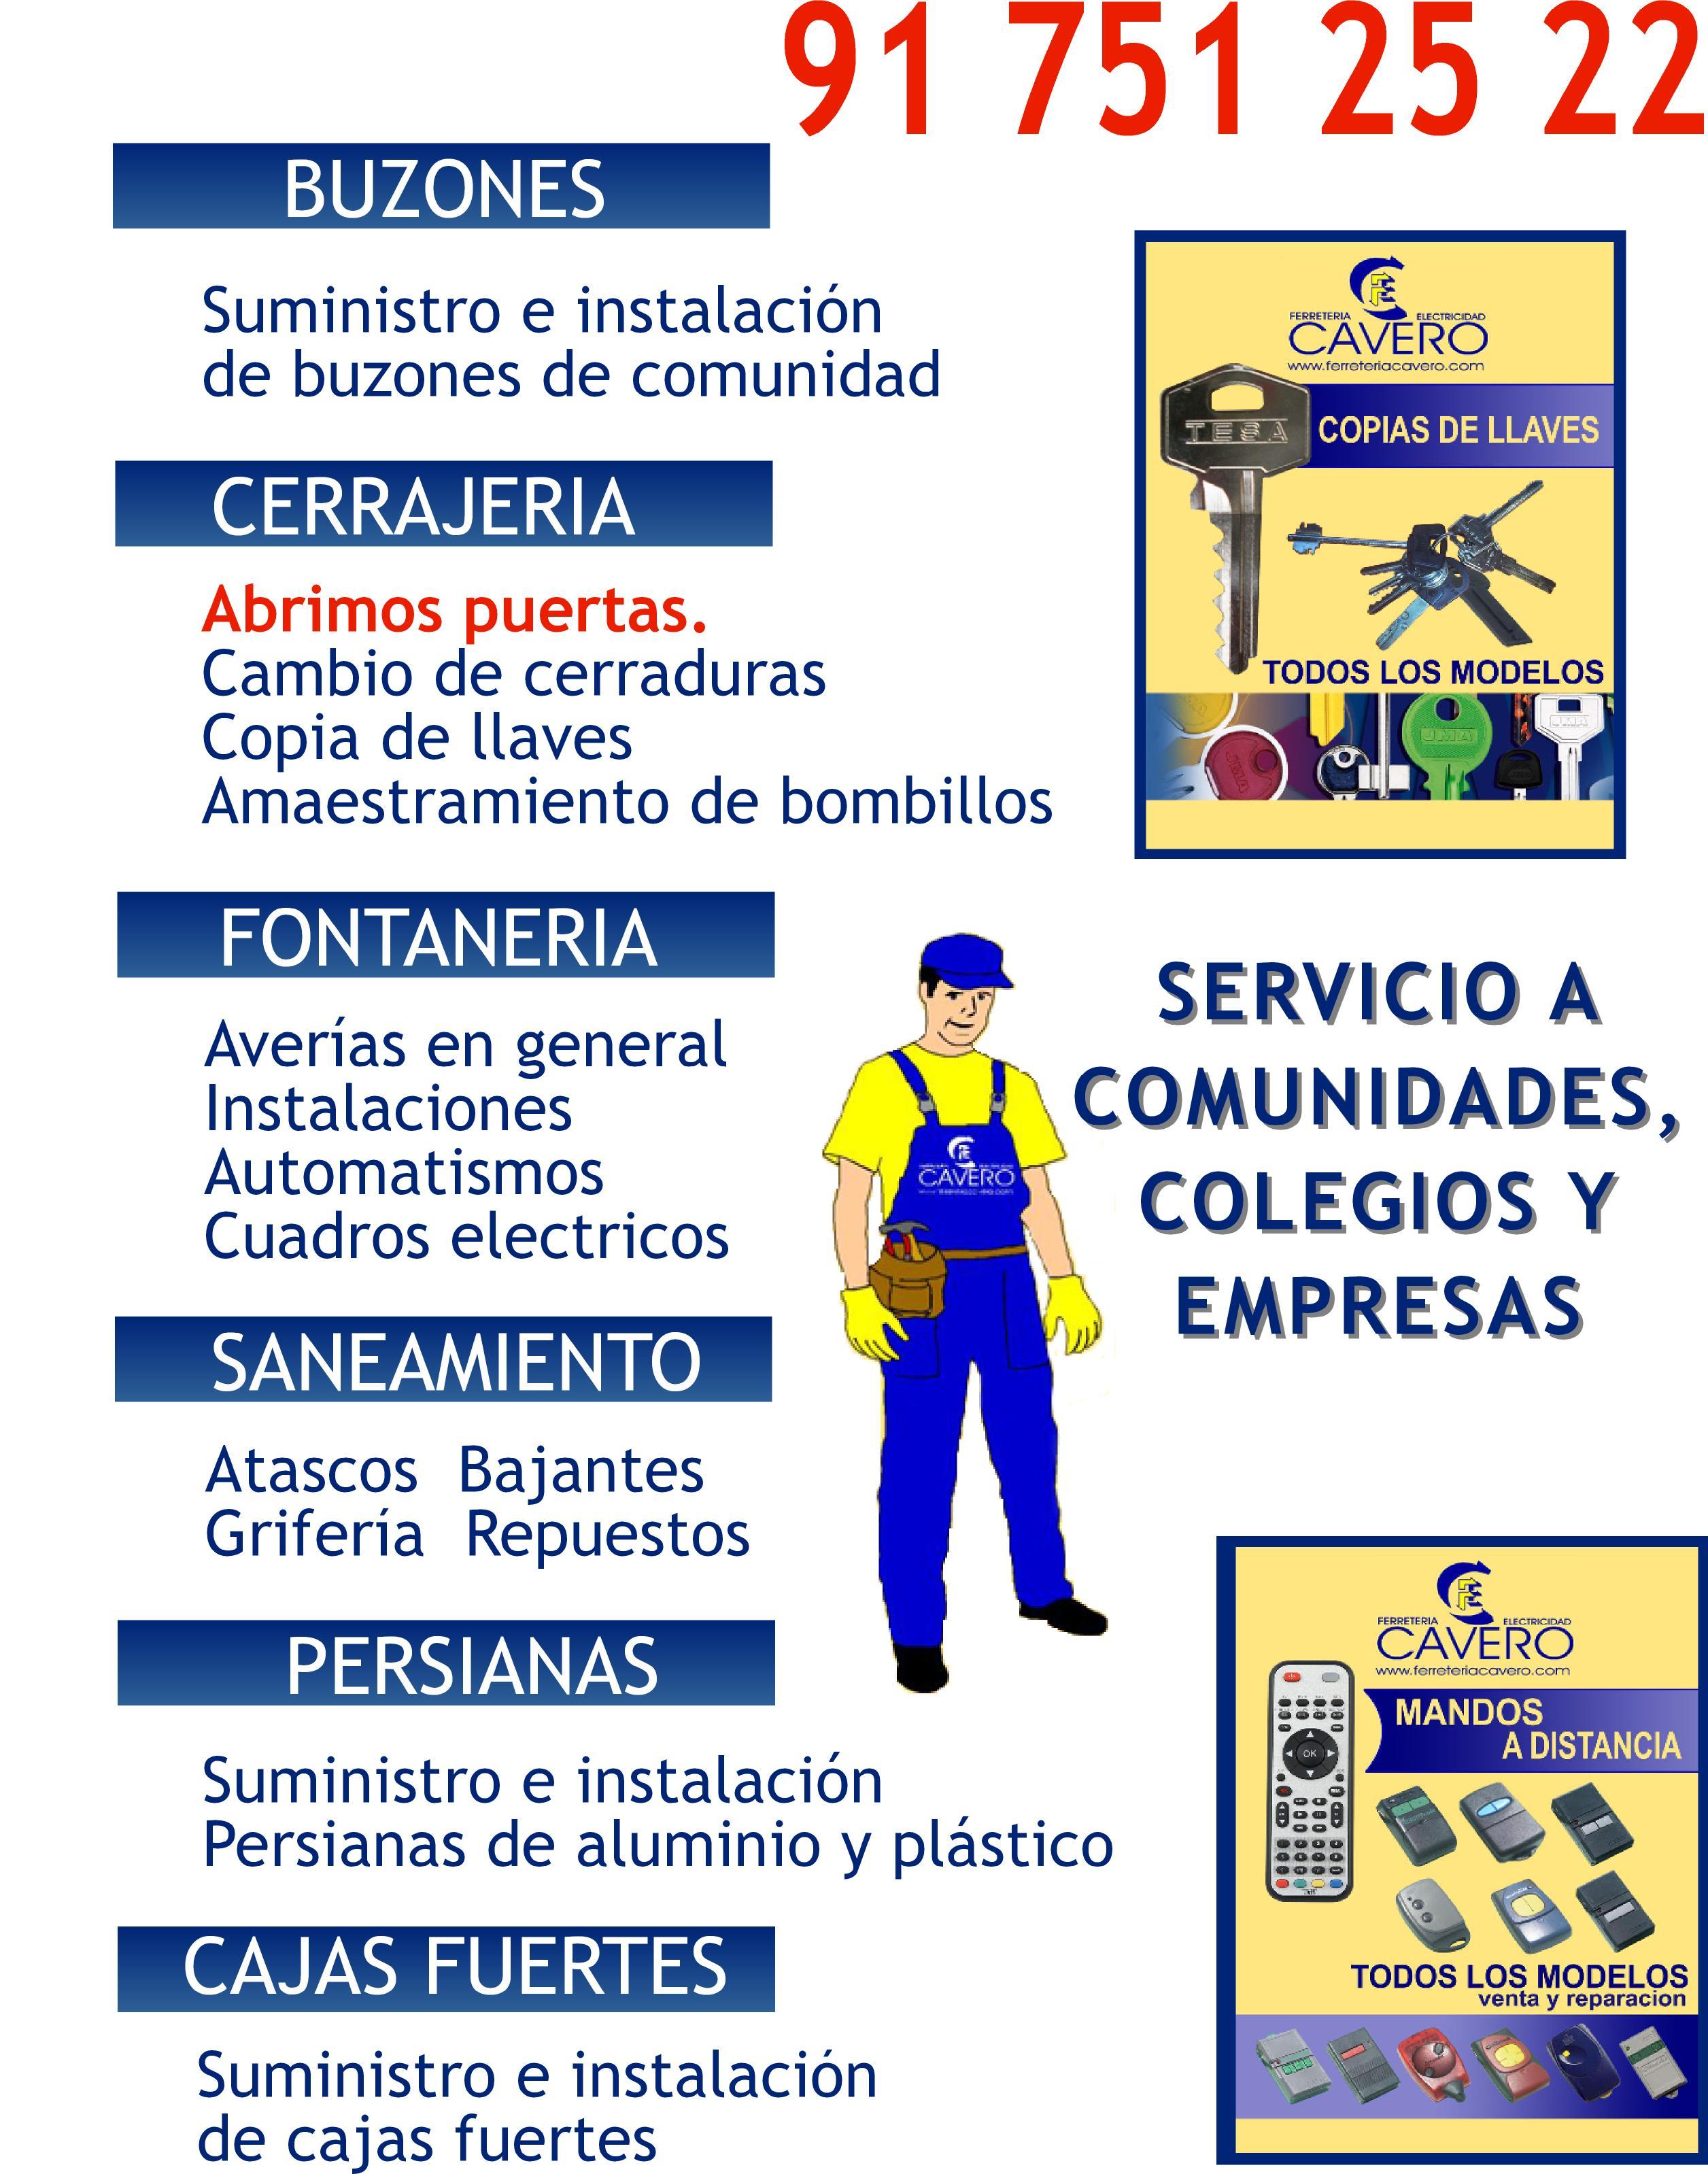 Servicios ofrecidos  a comunidades colegios y empresas por la ferretería vinateros cavero moratalaz, Buzones, cerrajería, fontanería.